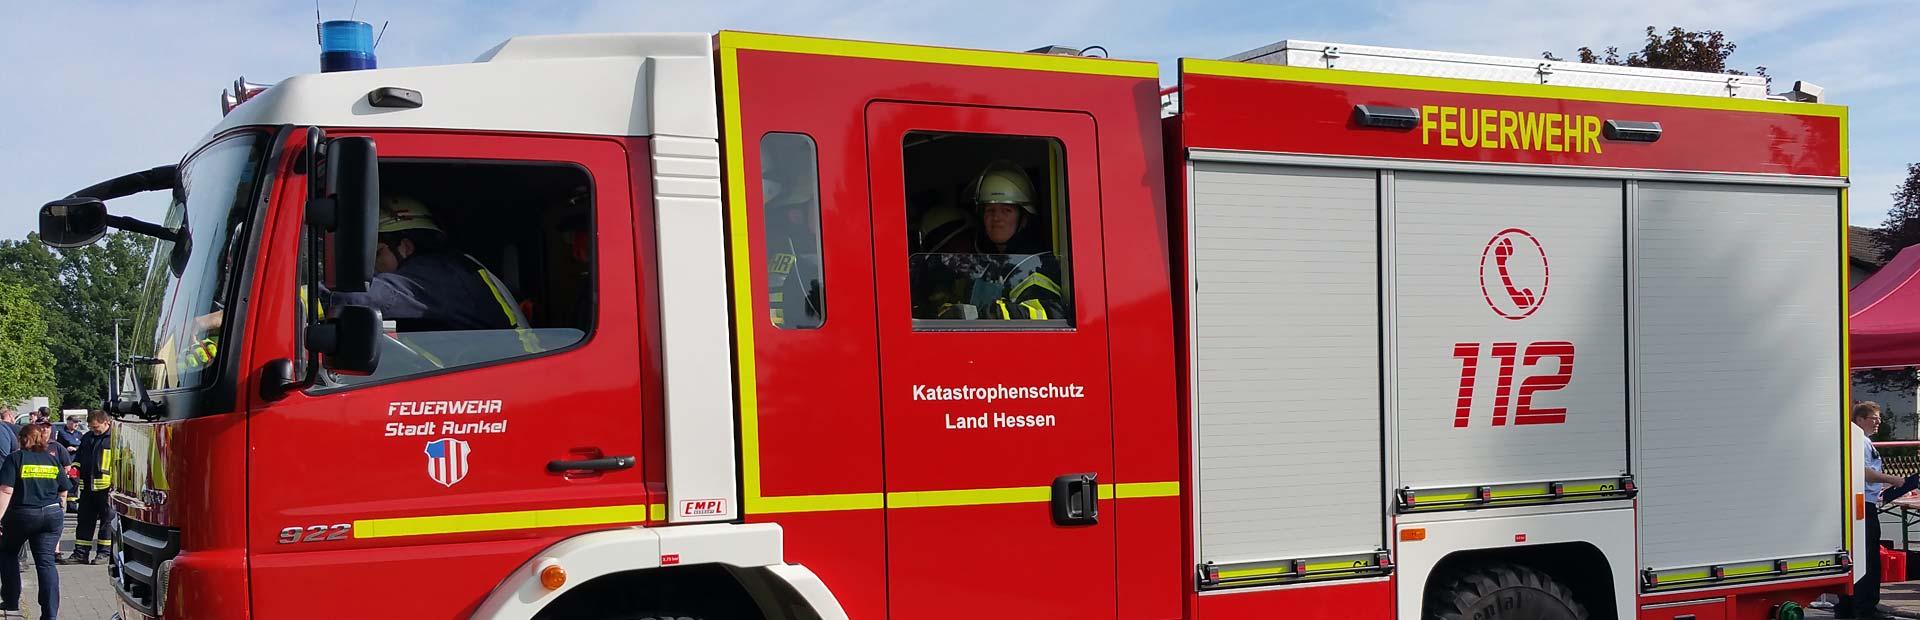 Bobby Car Vorsichtig Bobbycar Feuerwehr Anhänger Rot Mit Leiter Kinderfahrzeuge